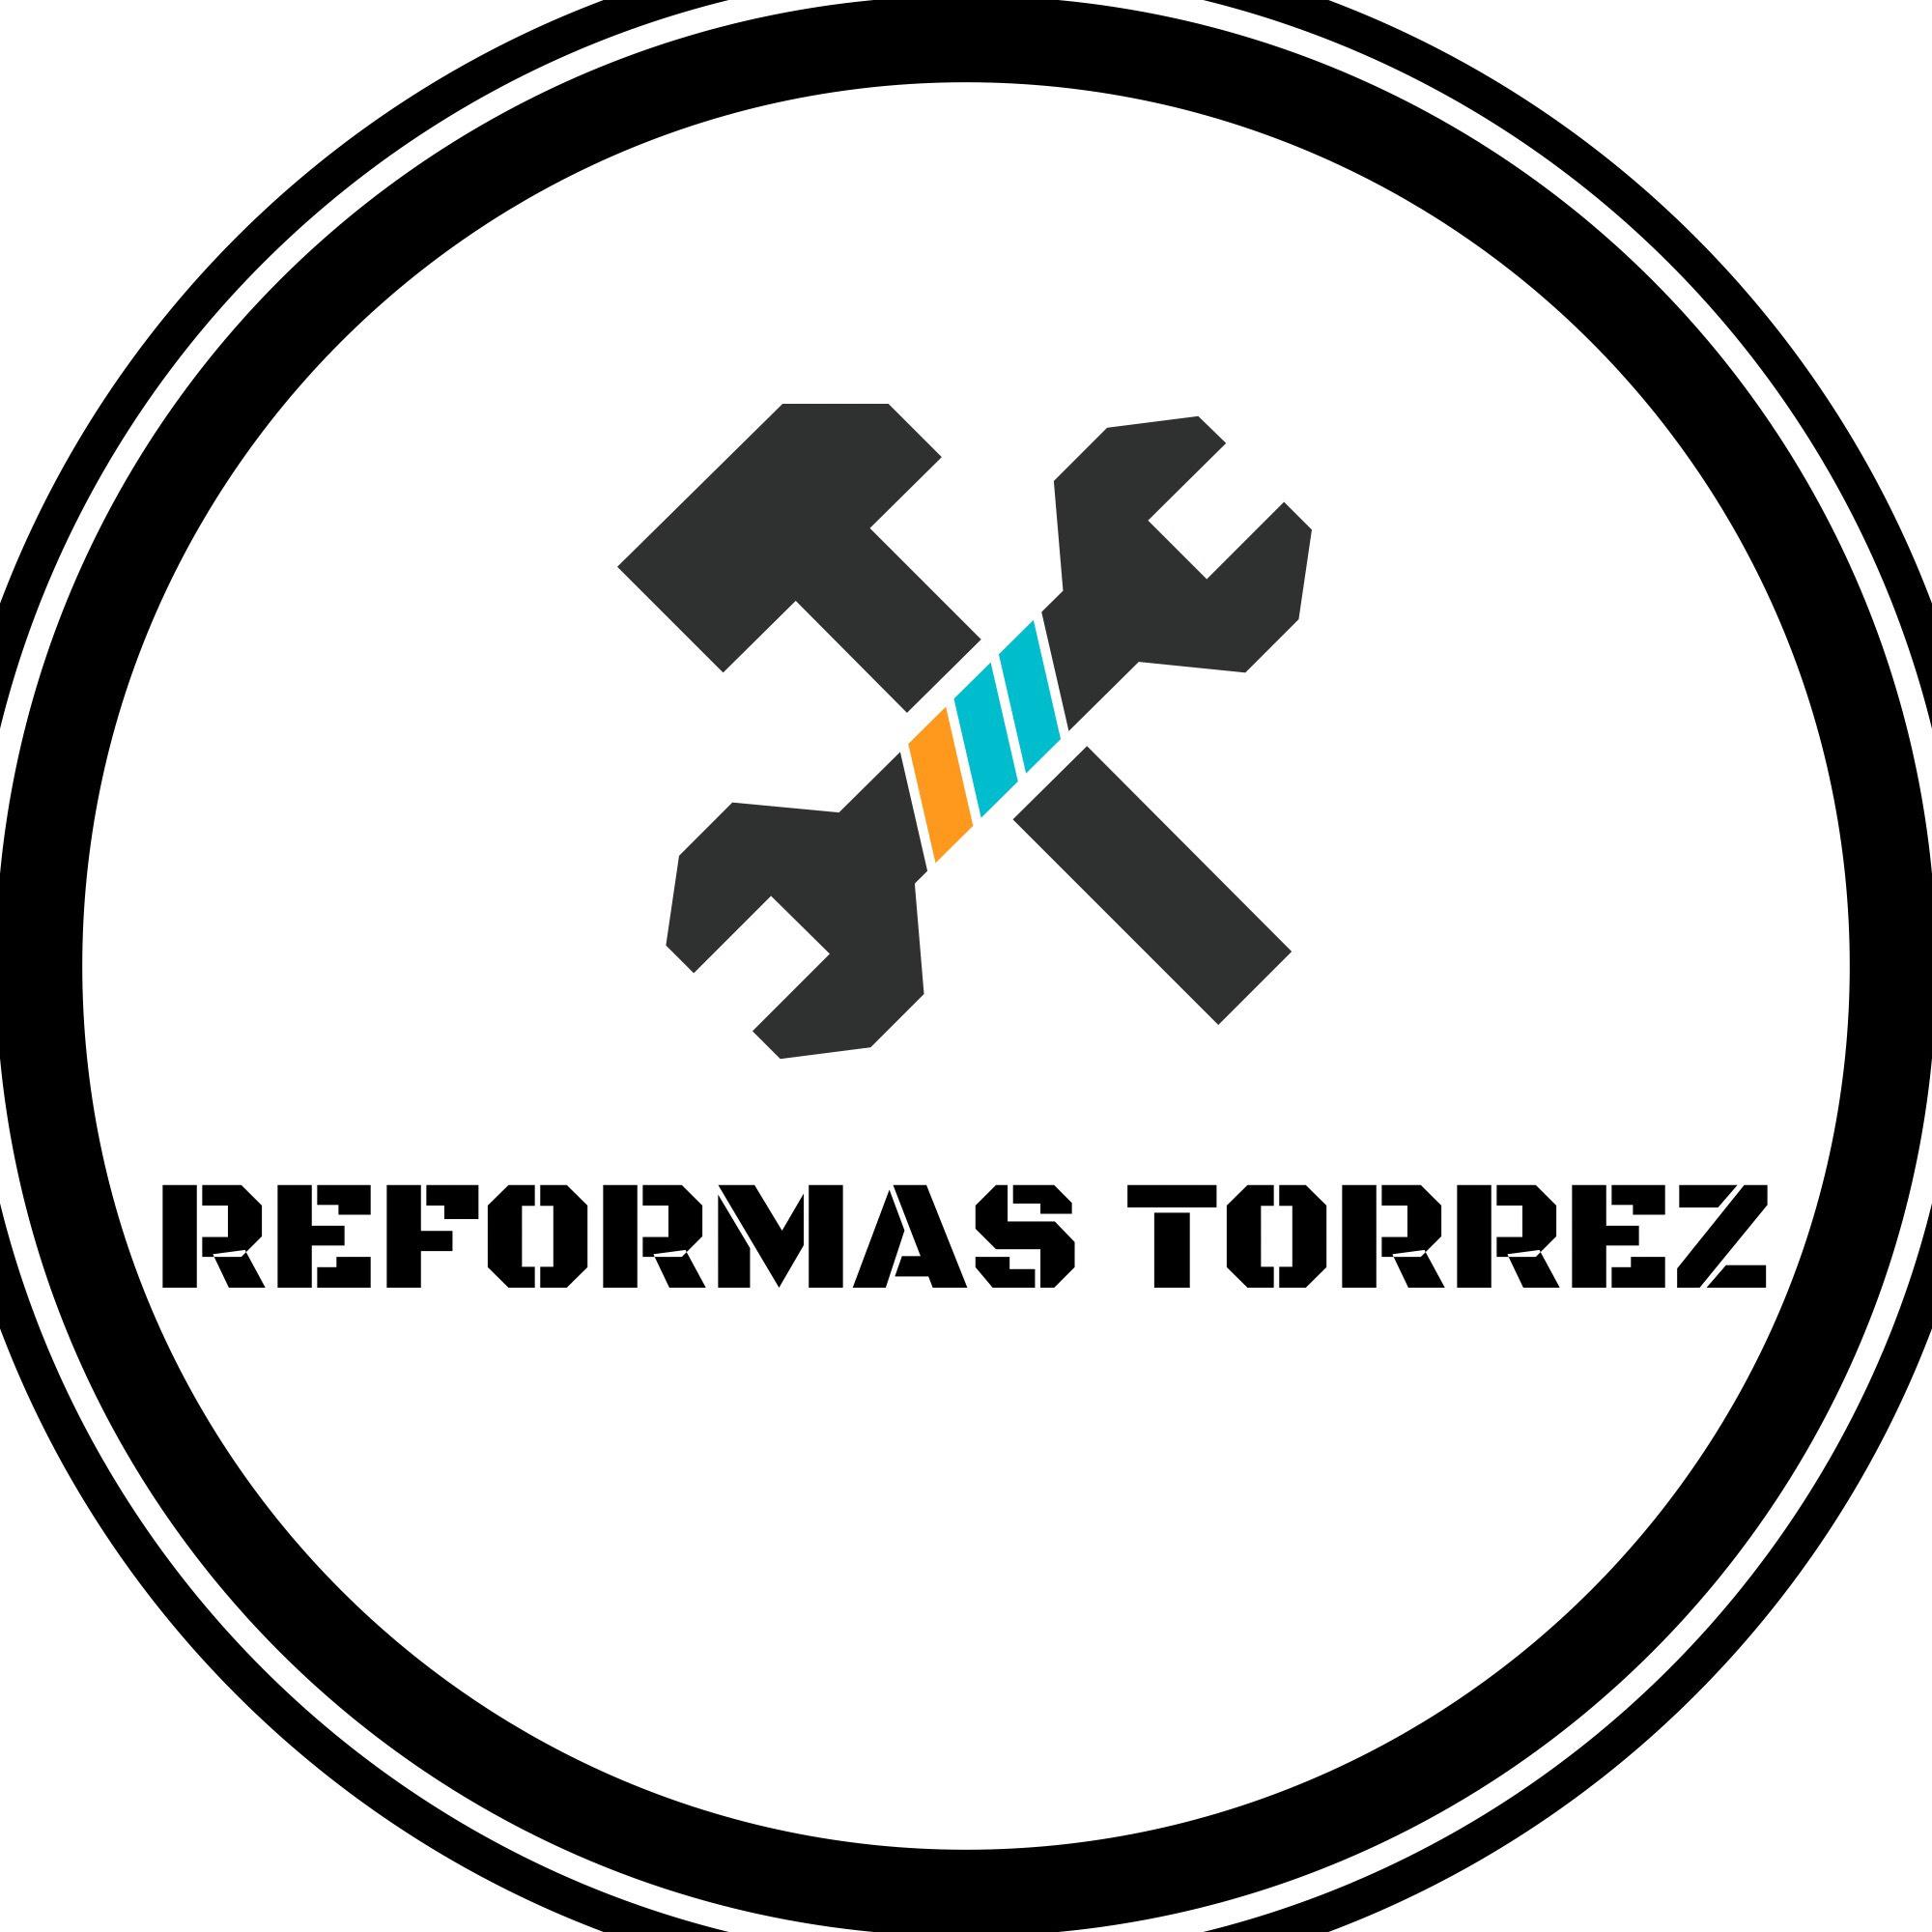 Reformas Torrez